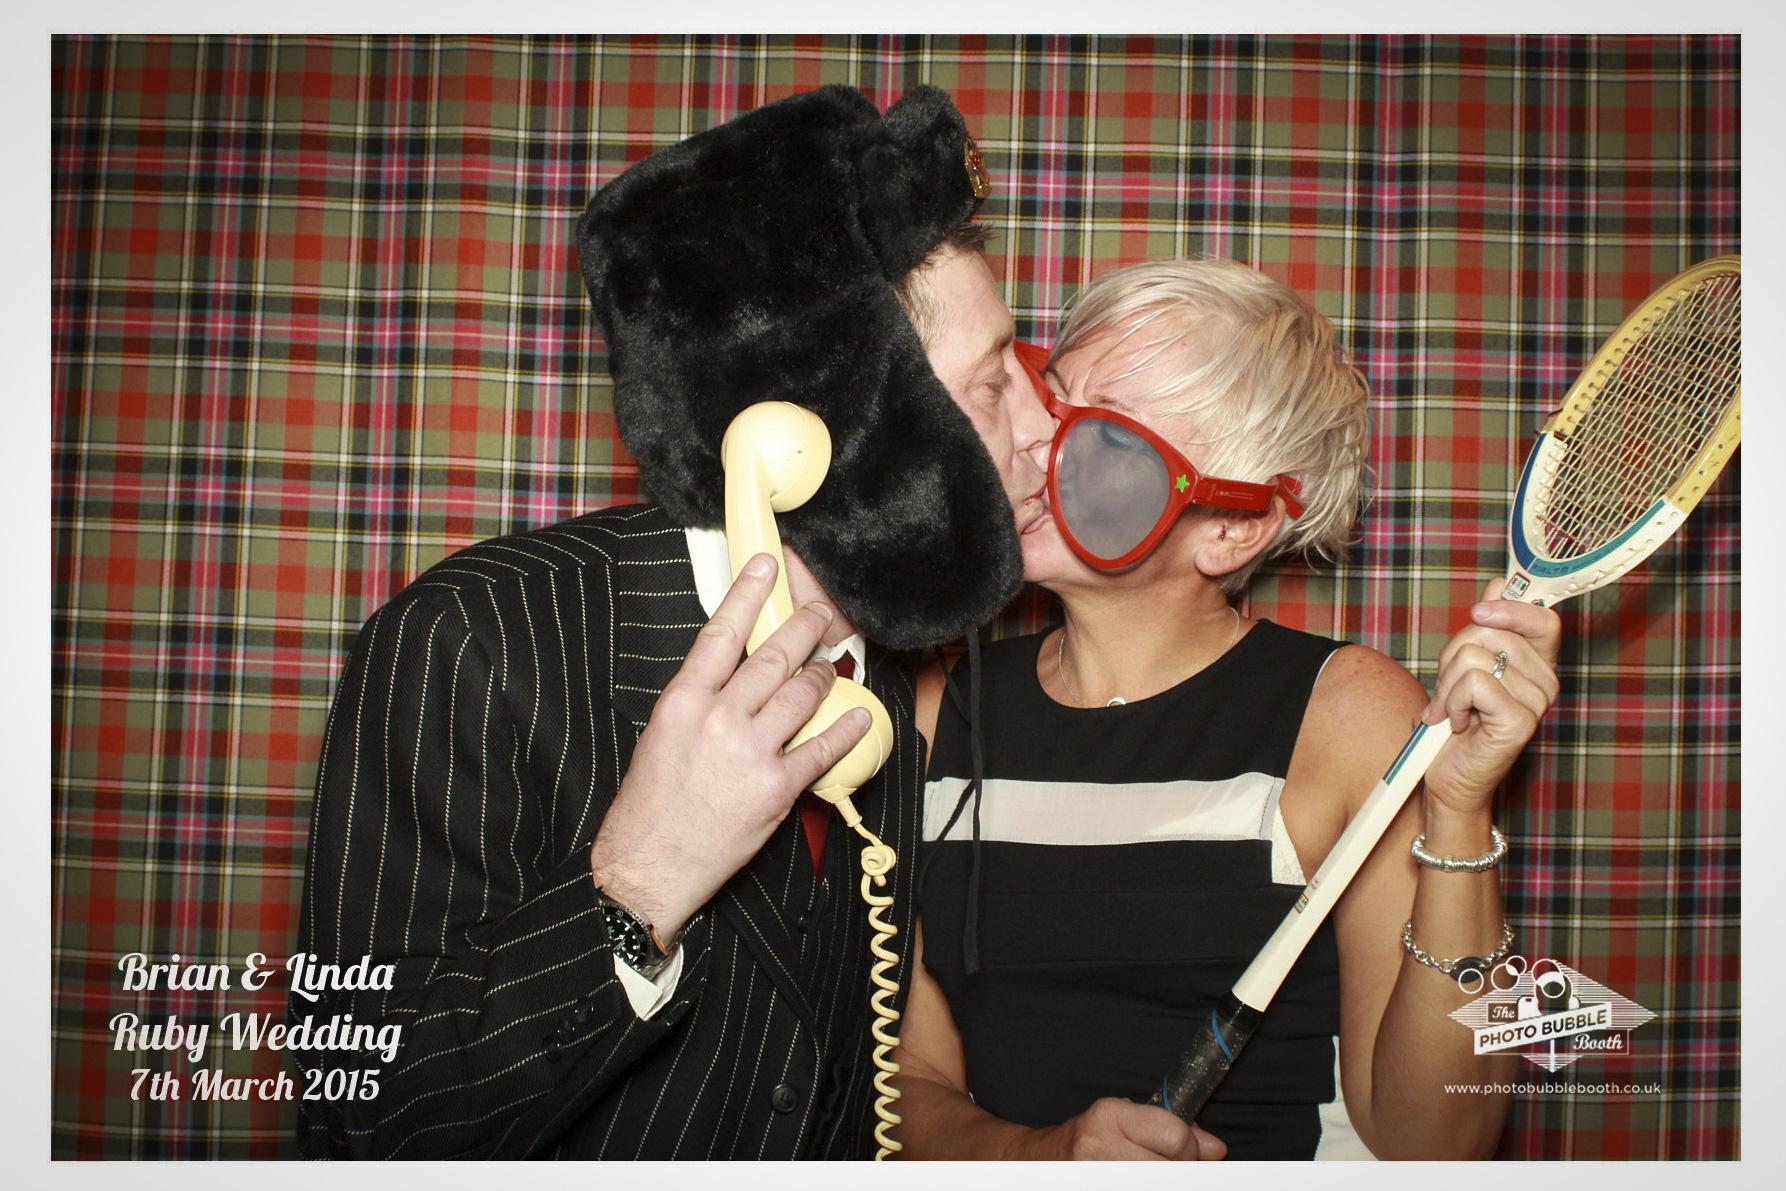 Linda & Brian Ruby Wedding_55.JPG